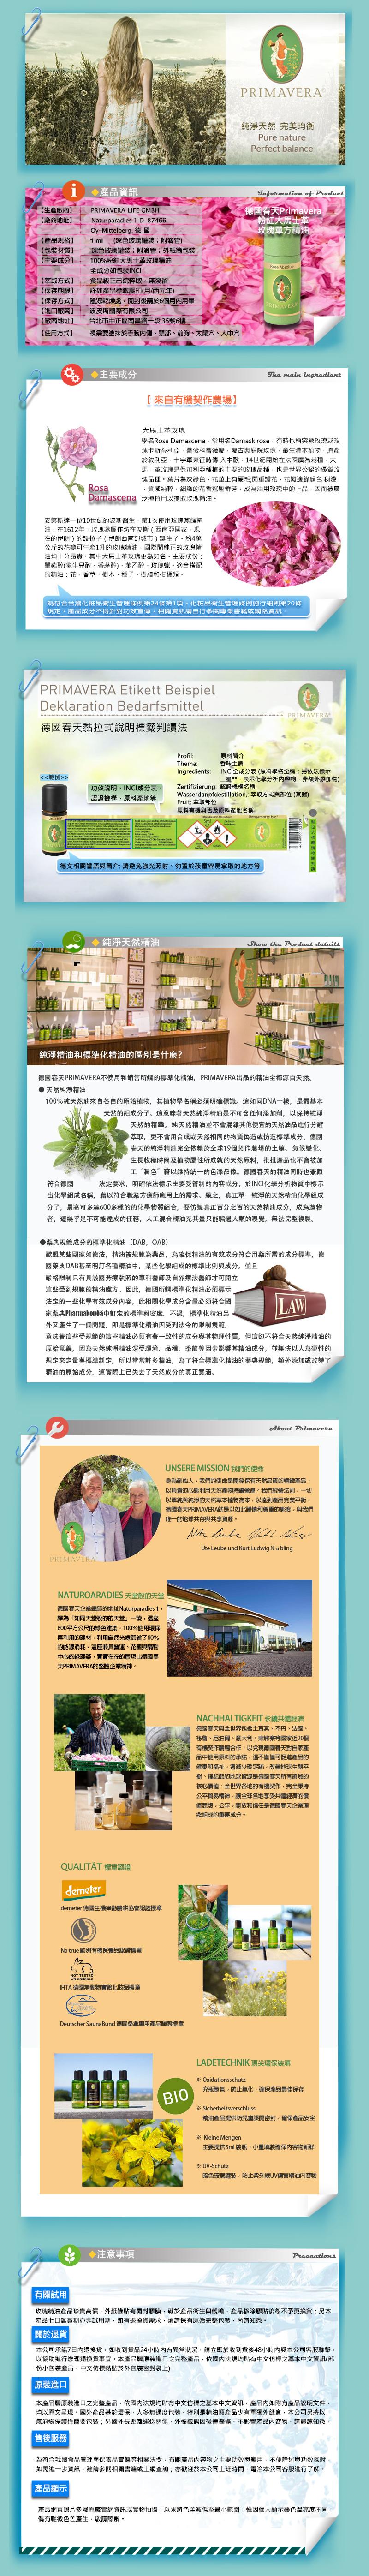 粉紅大馬士革玫瑰精油onepage.jpg